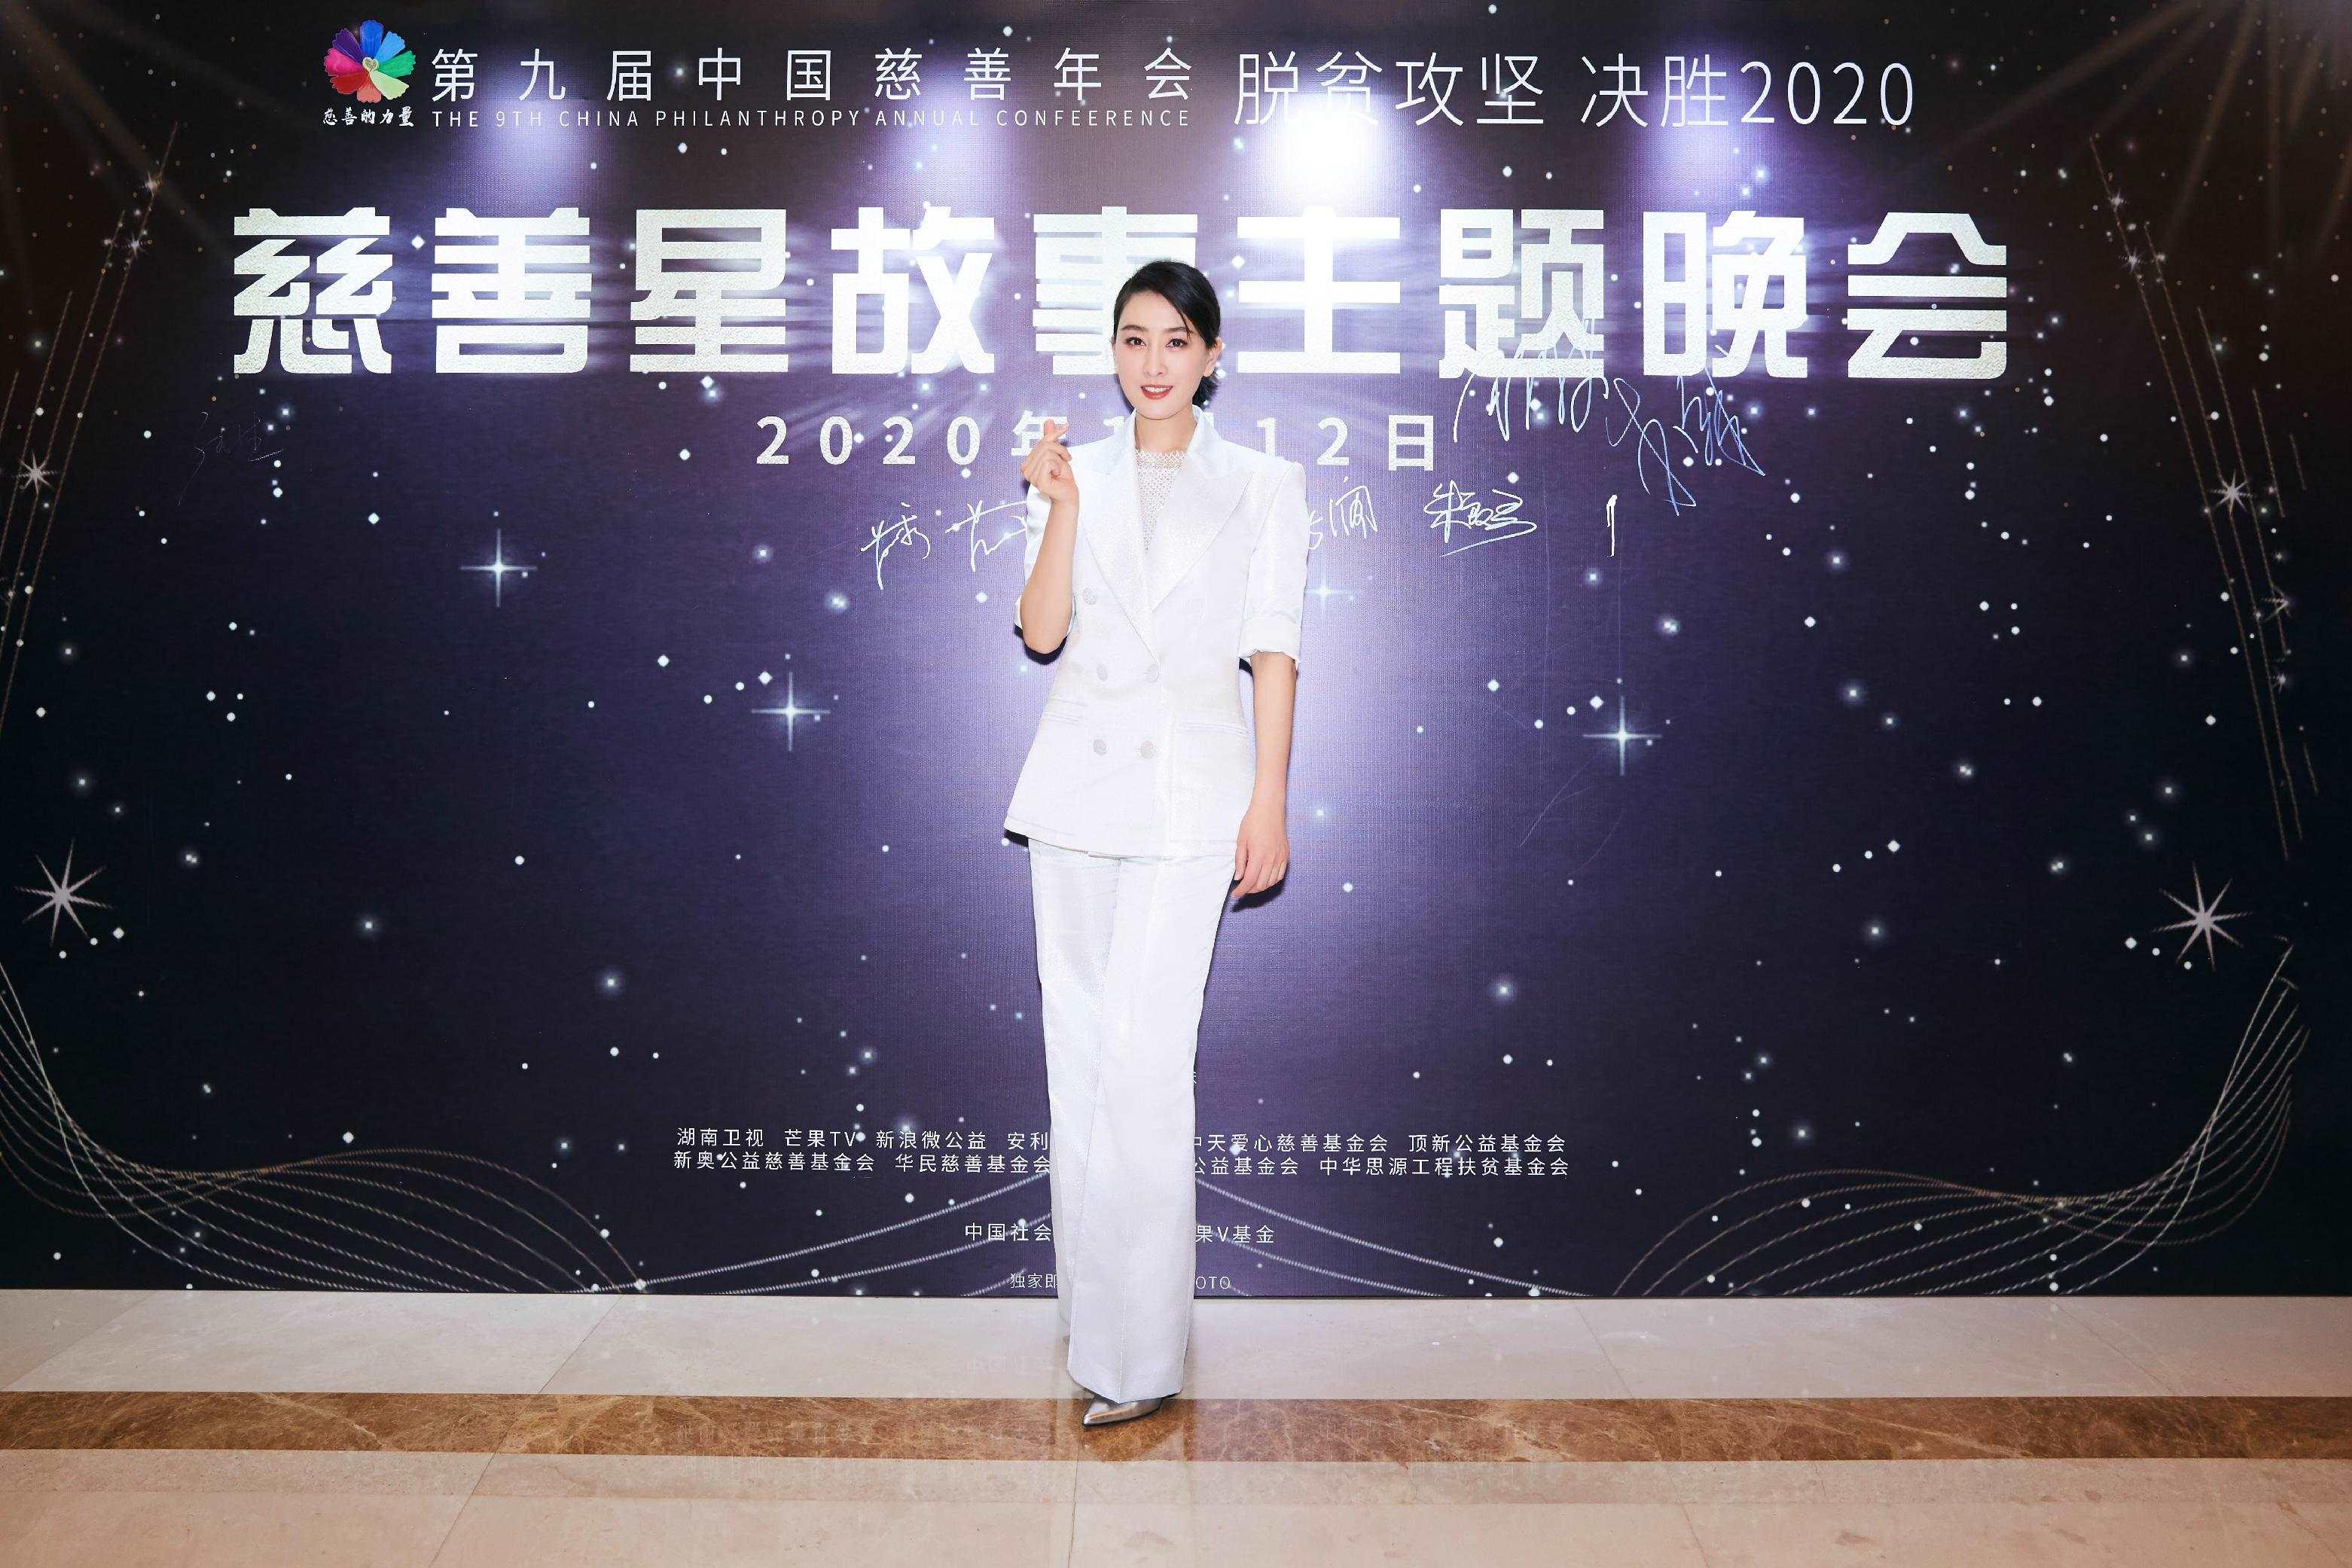 马苏出席中国慈善联合会《慈善星故事》主题晚会